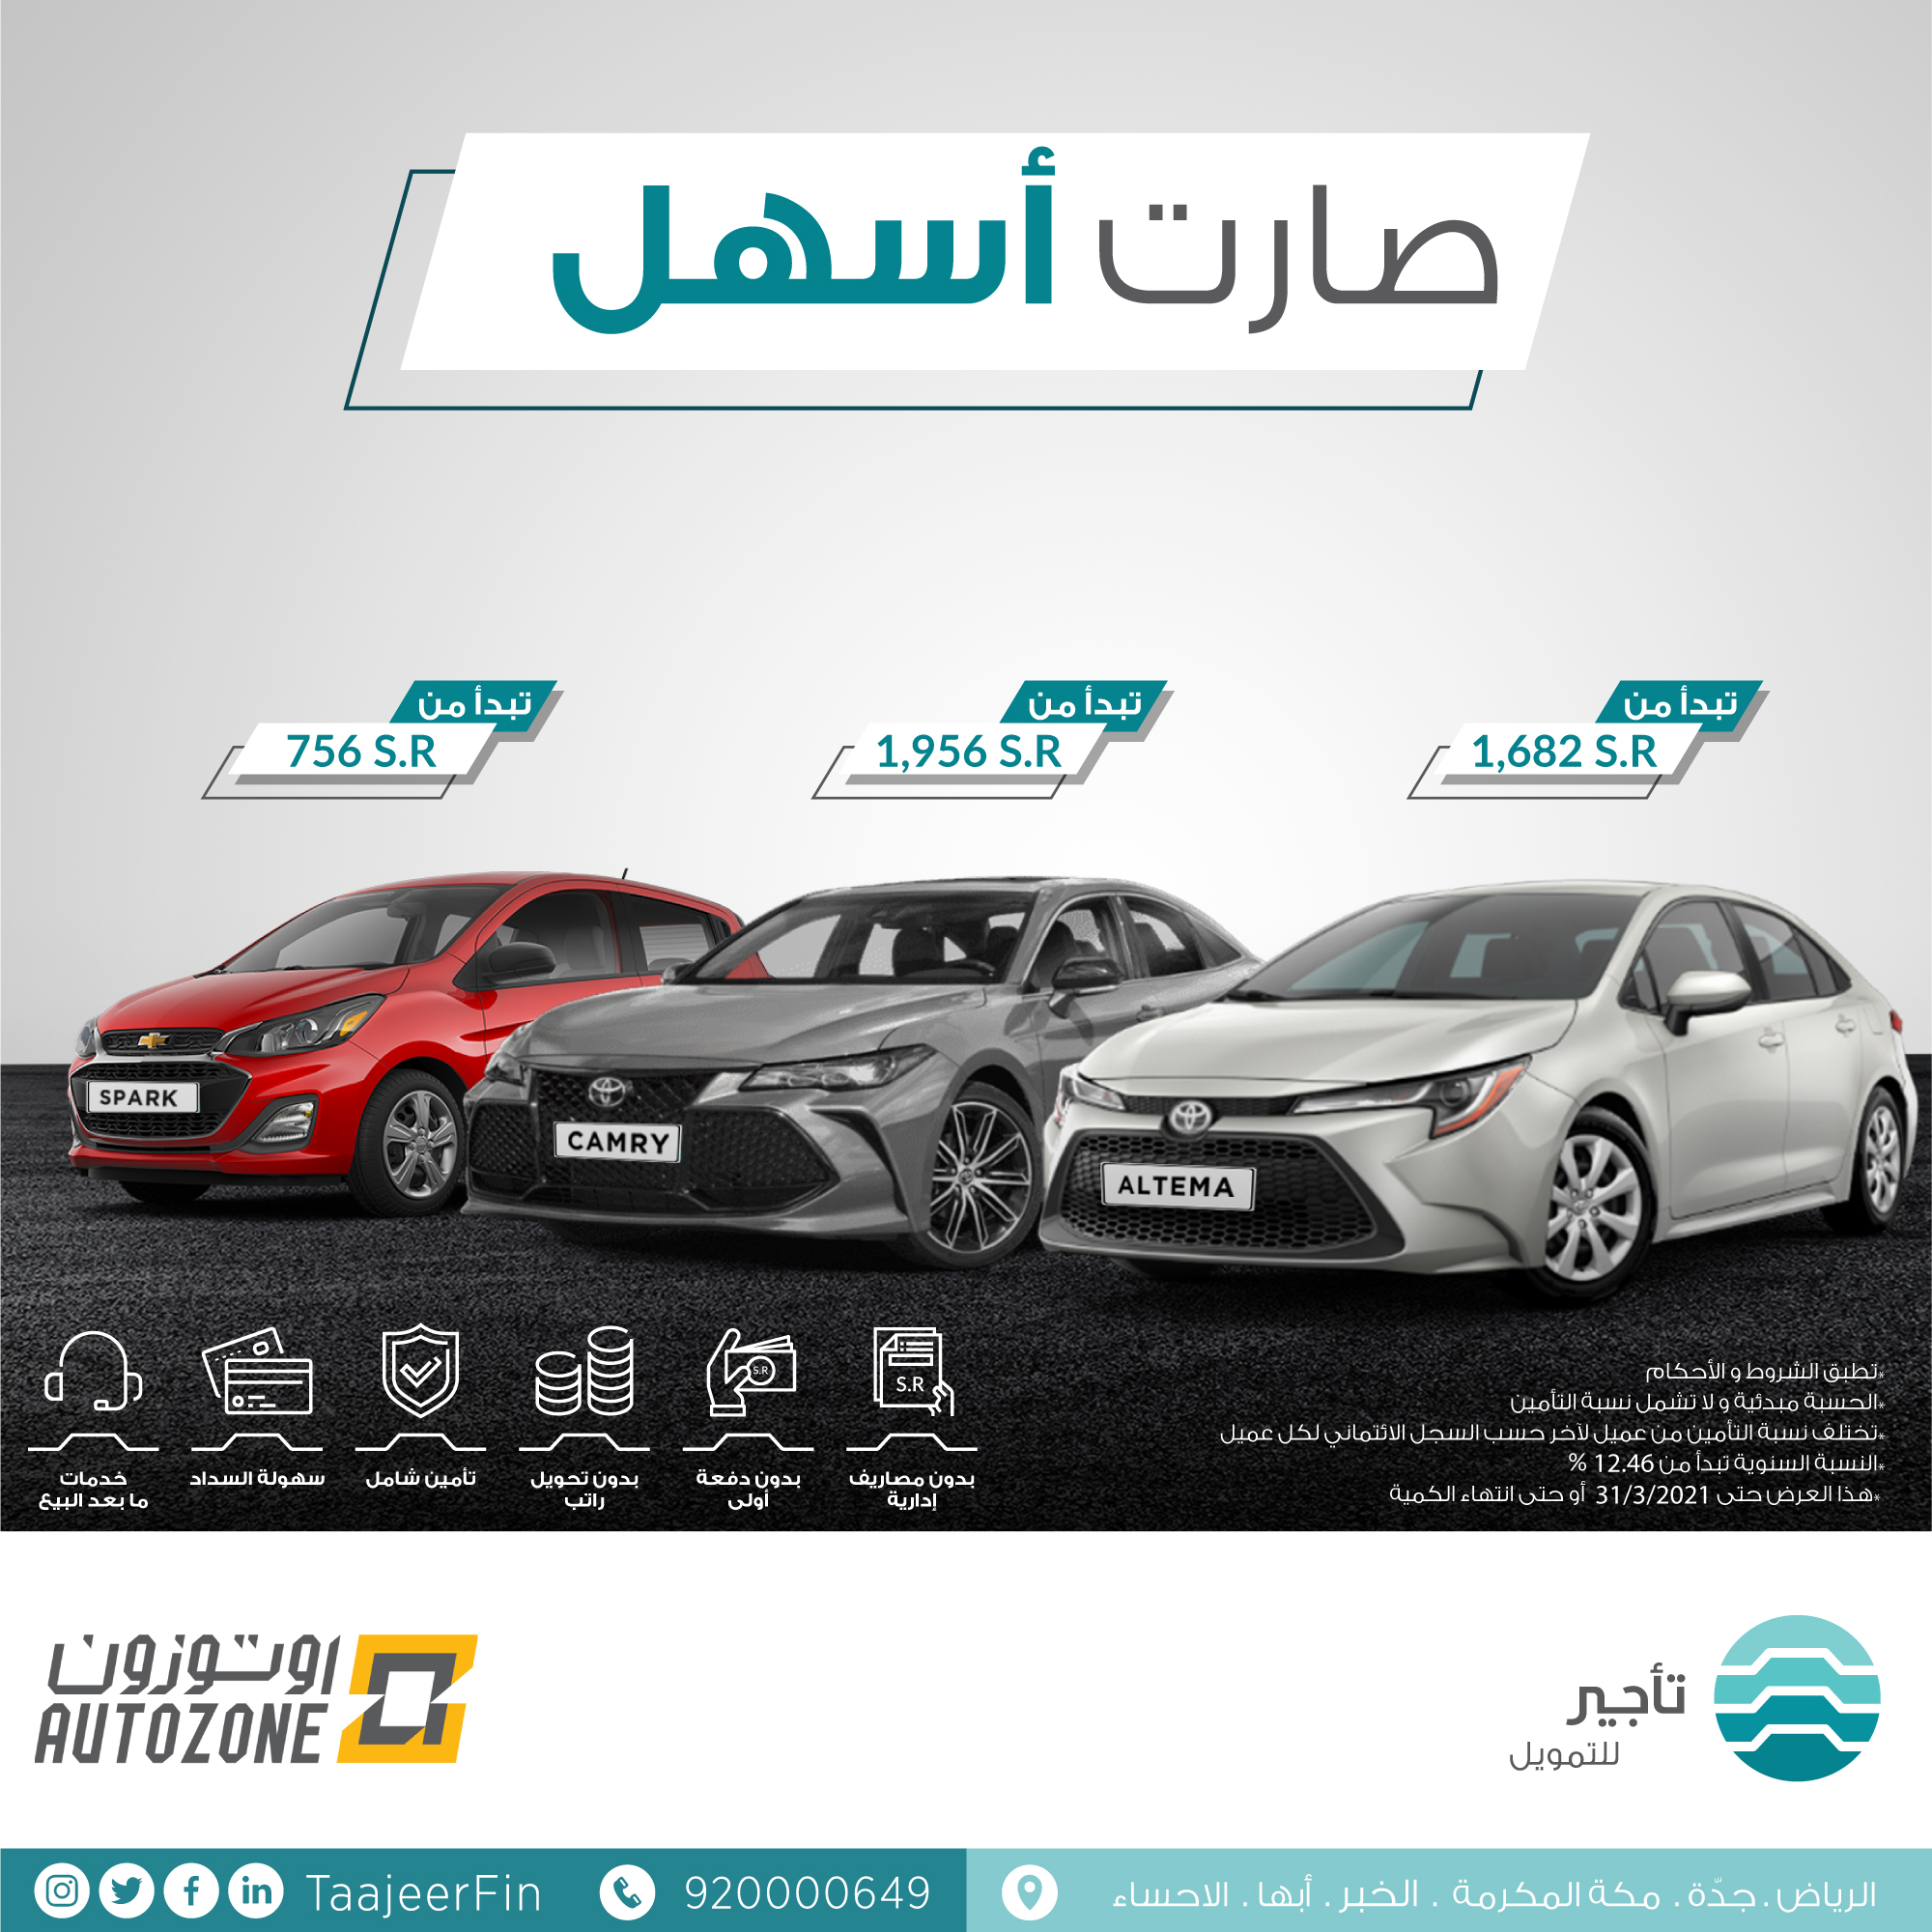 Autozone offers